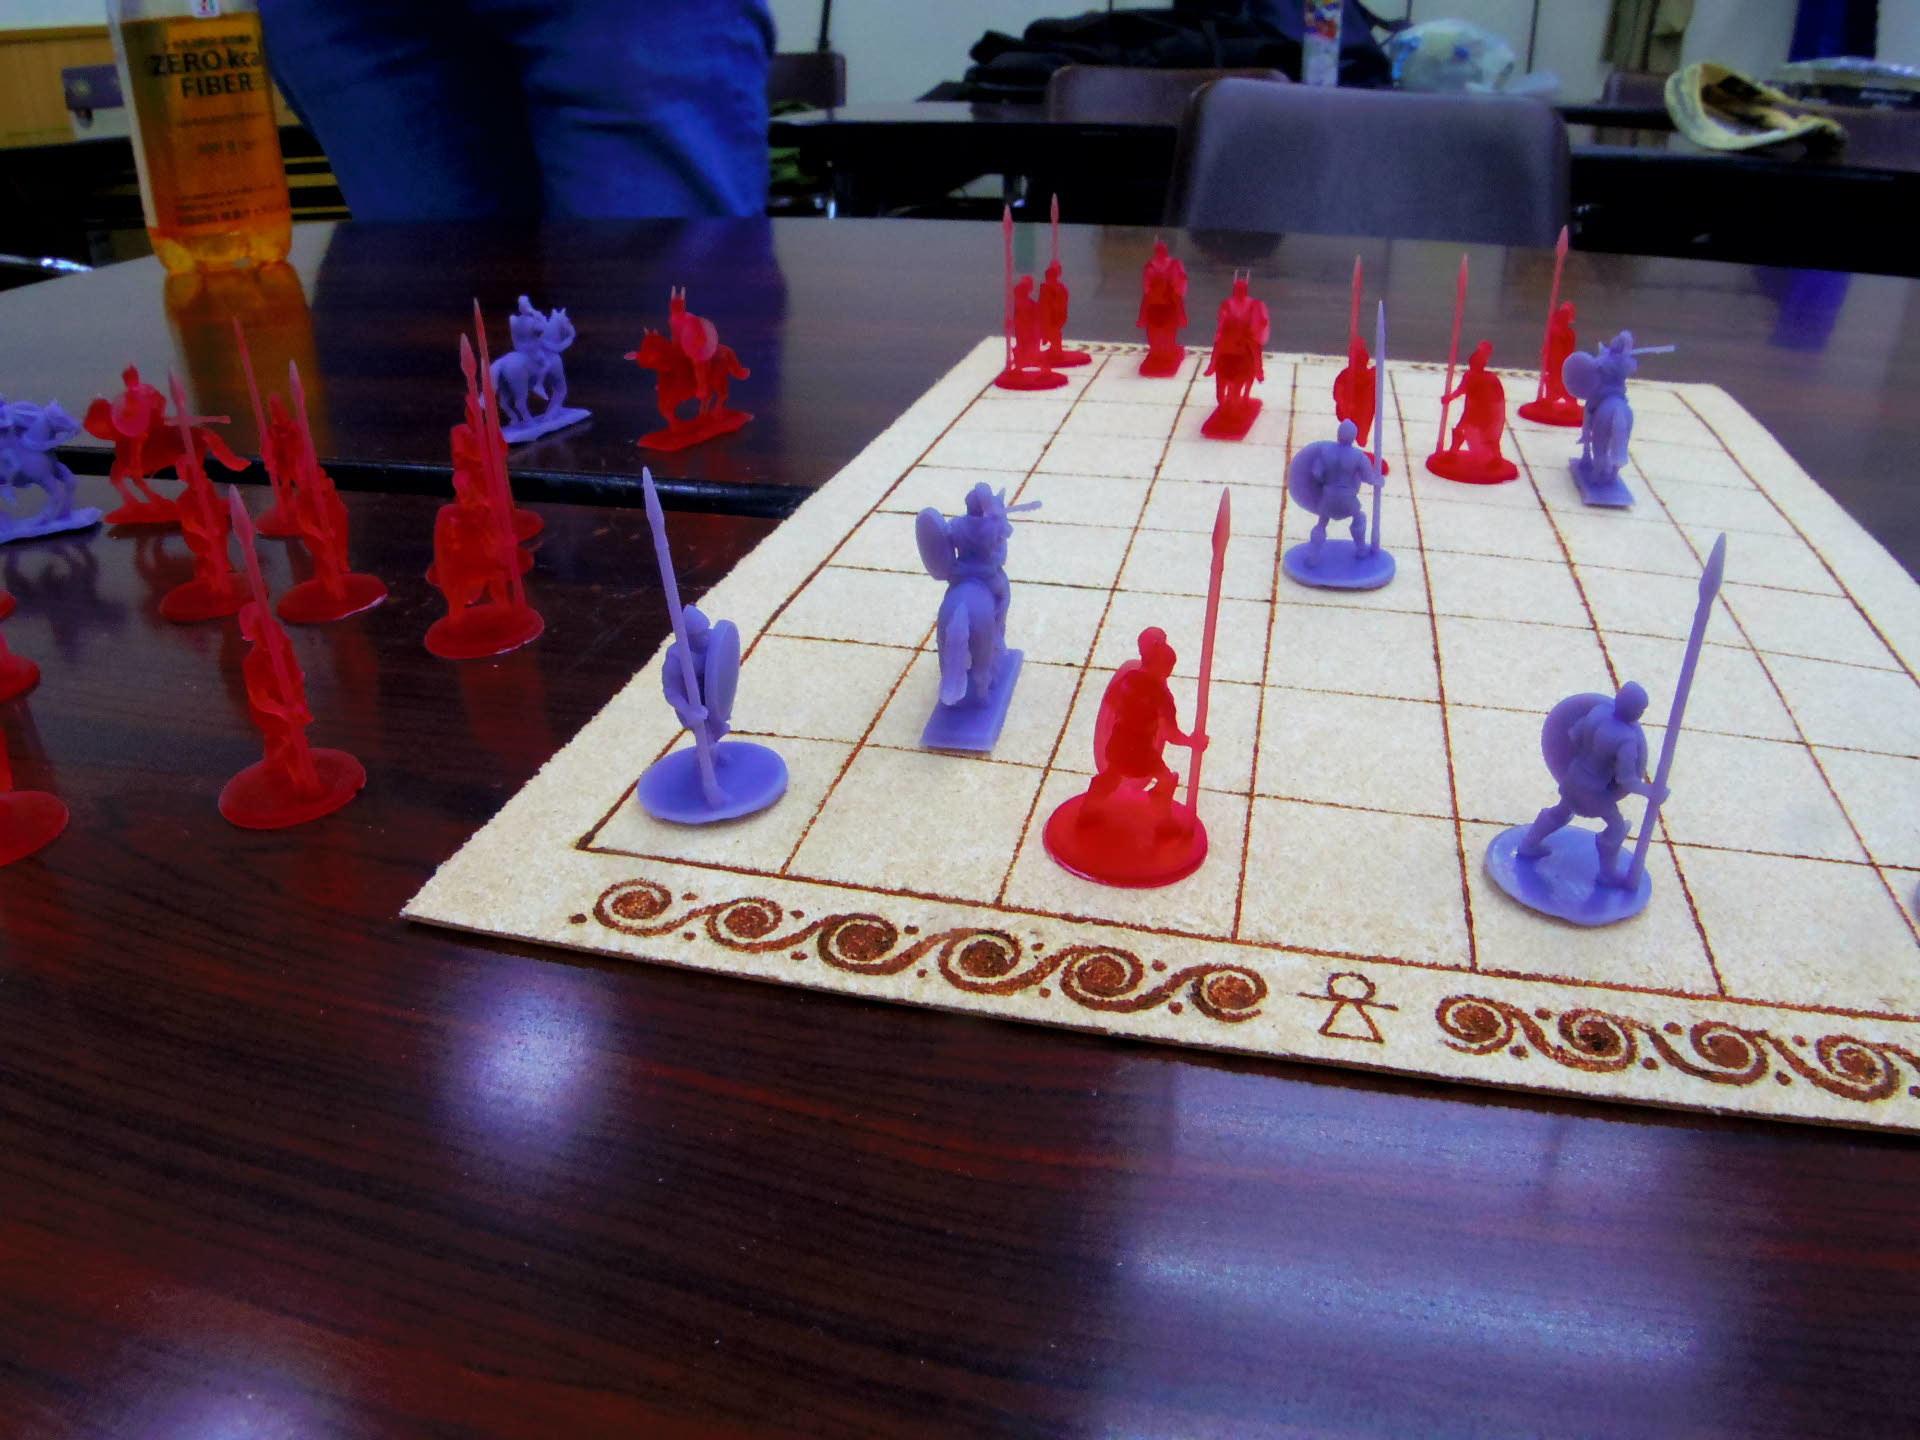 〔堀場工房〕謹製 『古代兵棋』の初お目見えは11月14日のゲームマーケットにて(転売対策で逐次受注通販予定とのこと)_b0173672_21354844.jpg